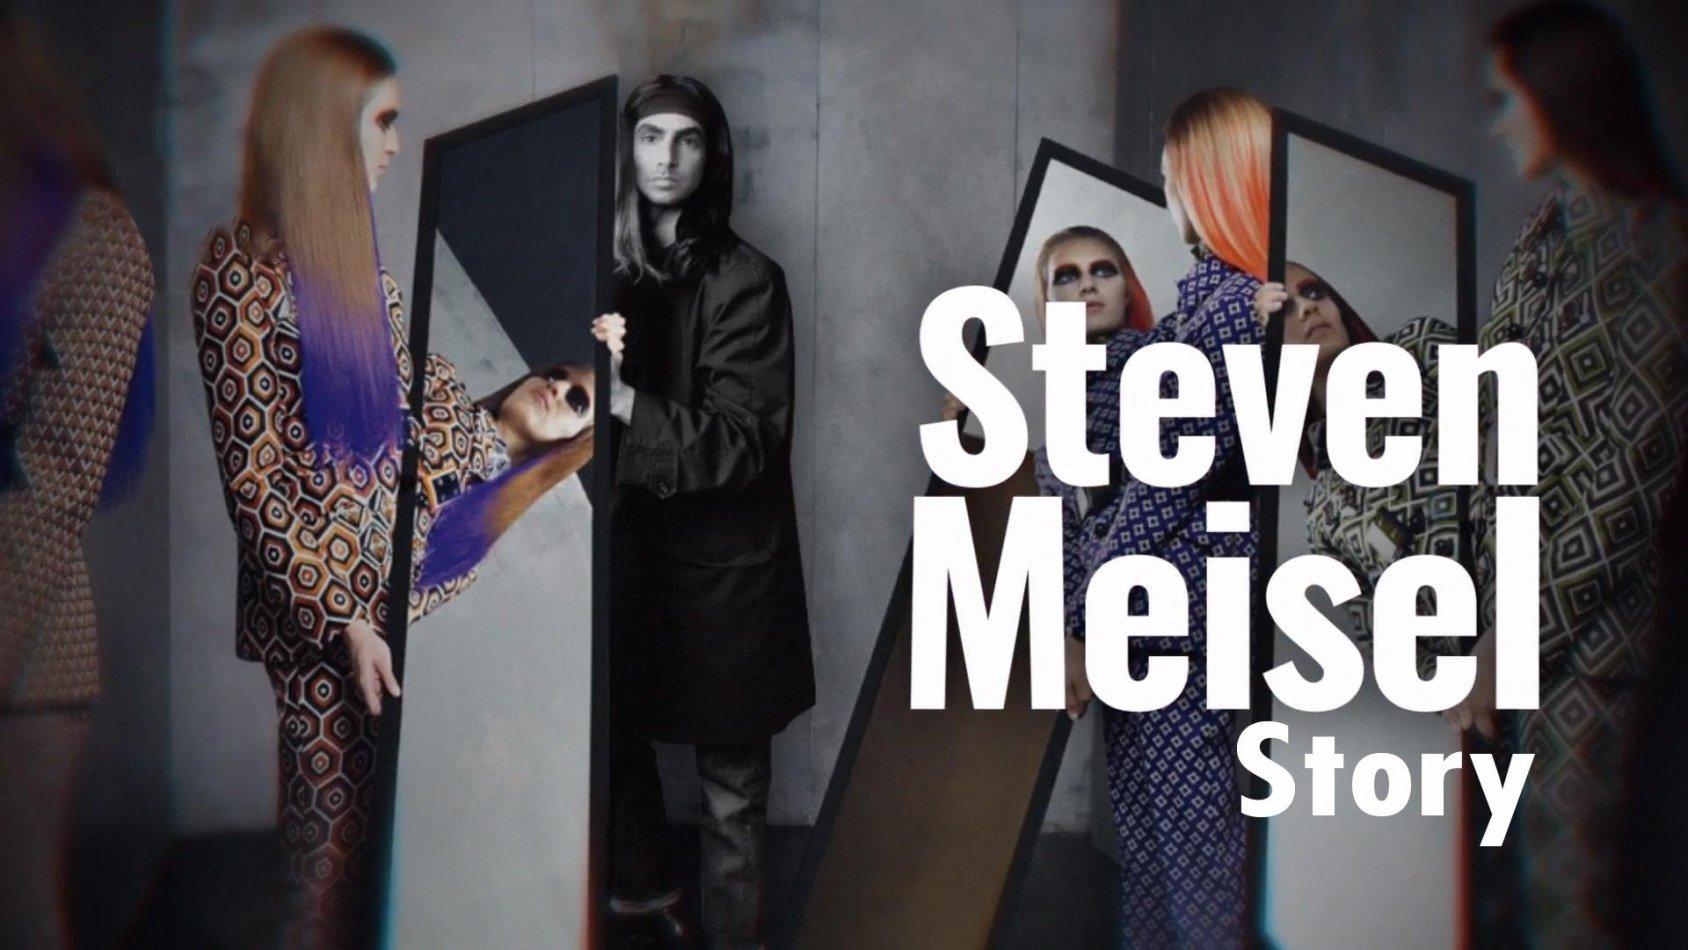 Steven Meisel Story